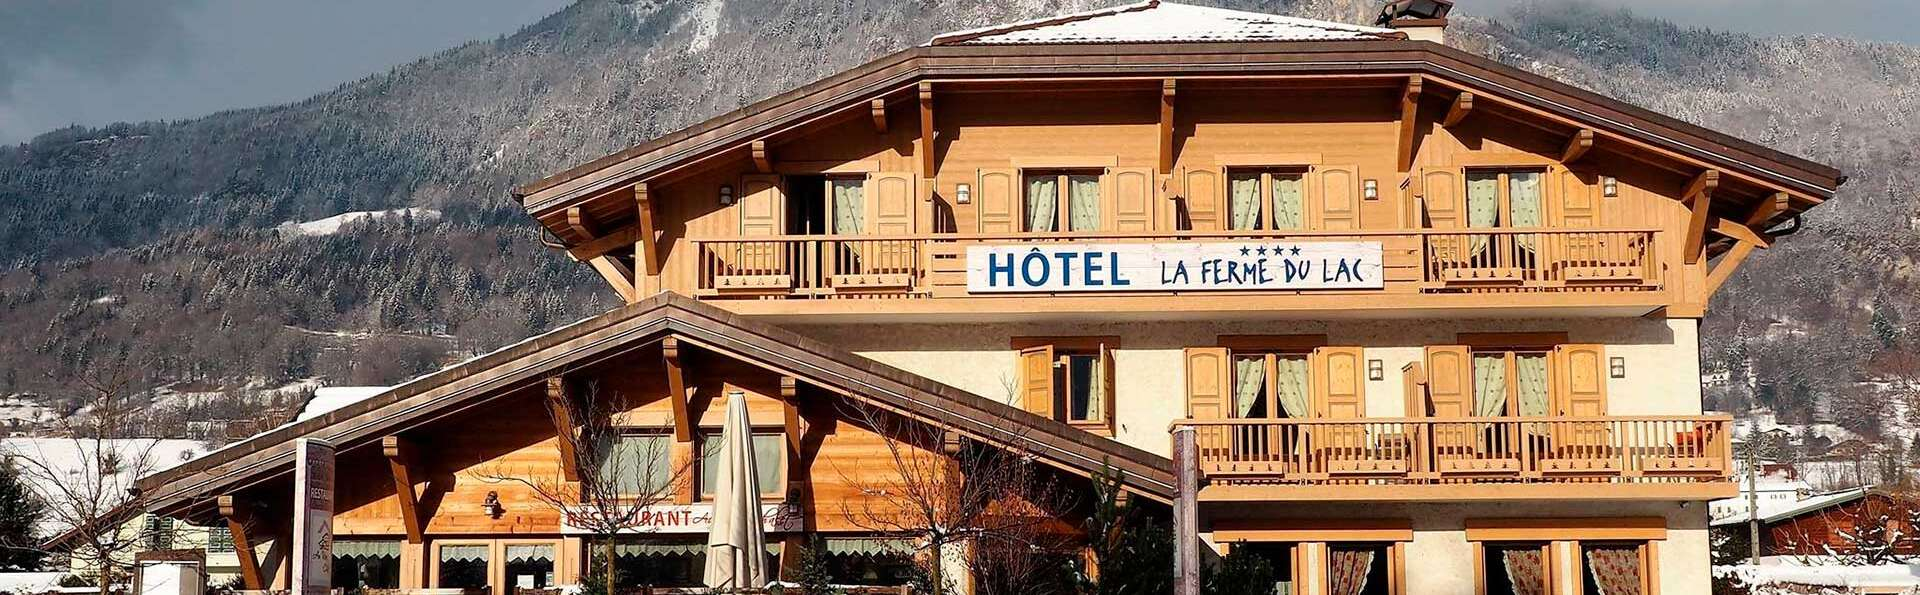 Hôtel La Ferme du Lac - EDIT_N2_FRONT_02.jpg